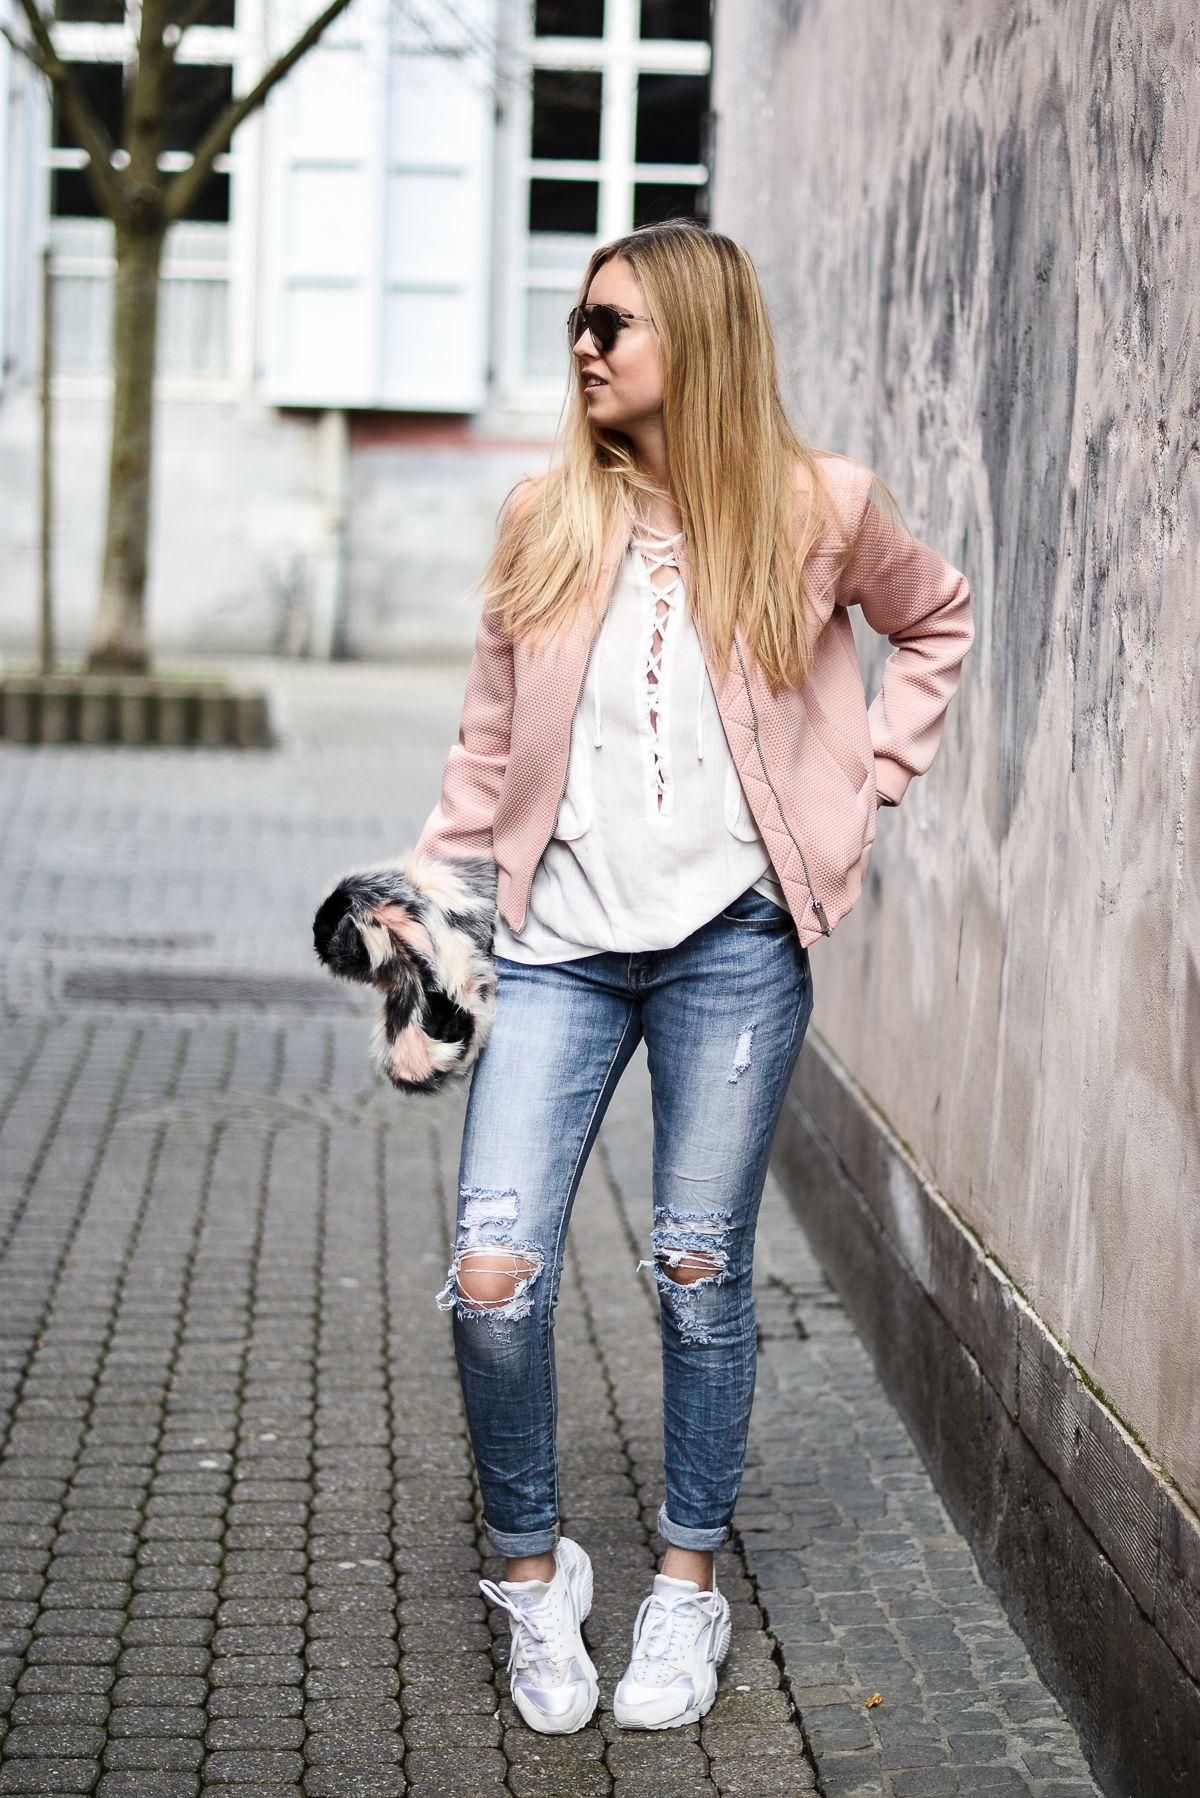 Comme un air de printemps   Mode, Idées de mode, Tenue